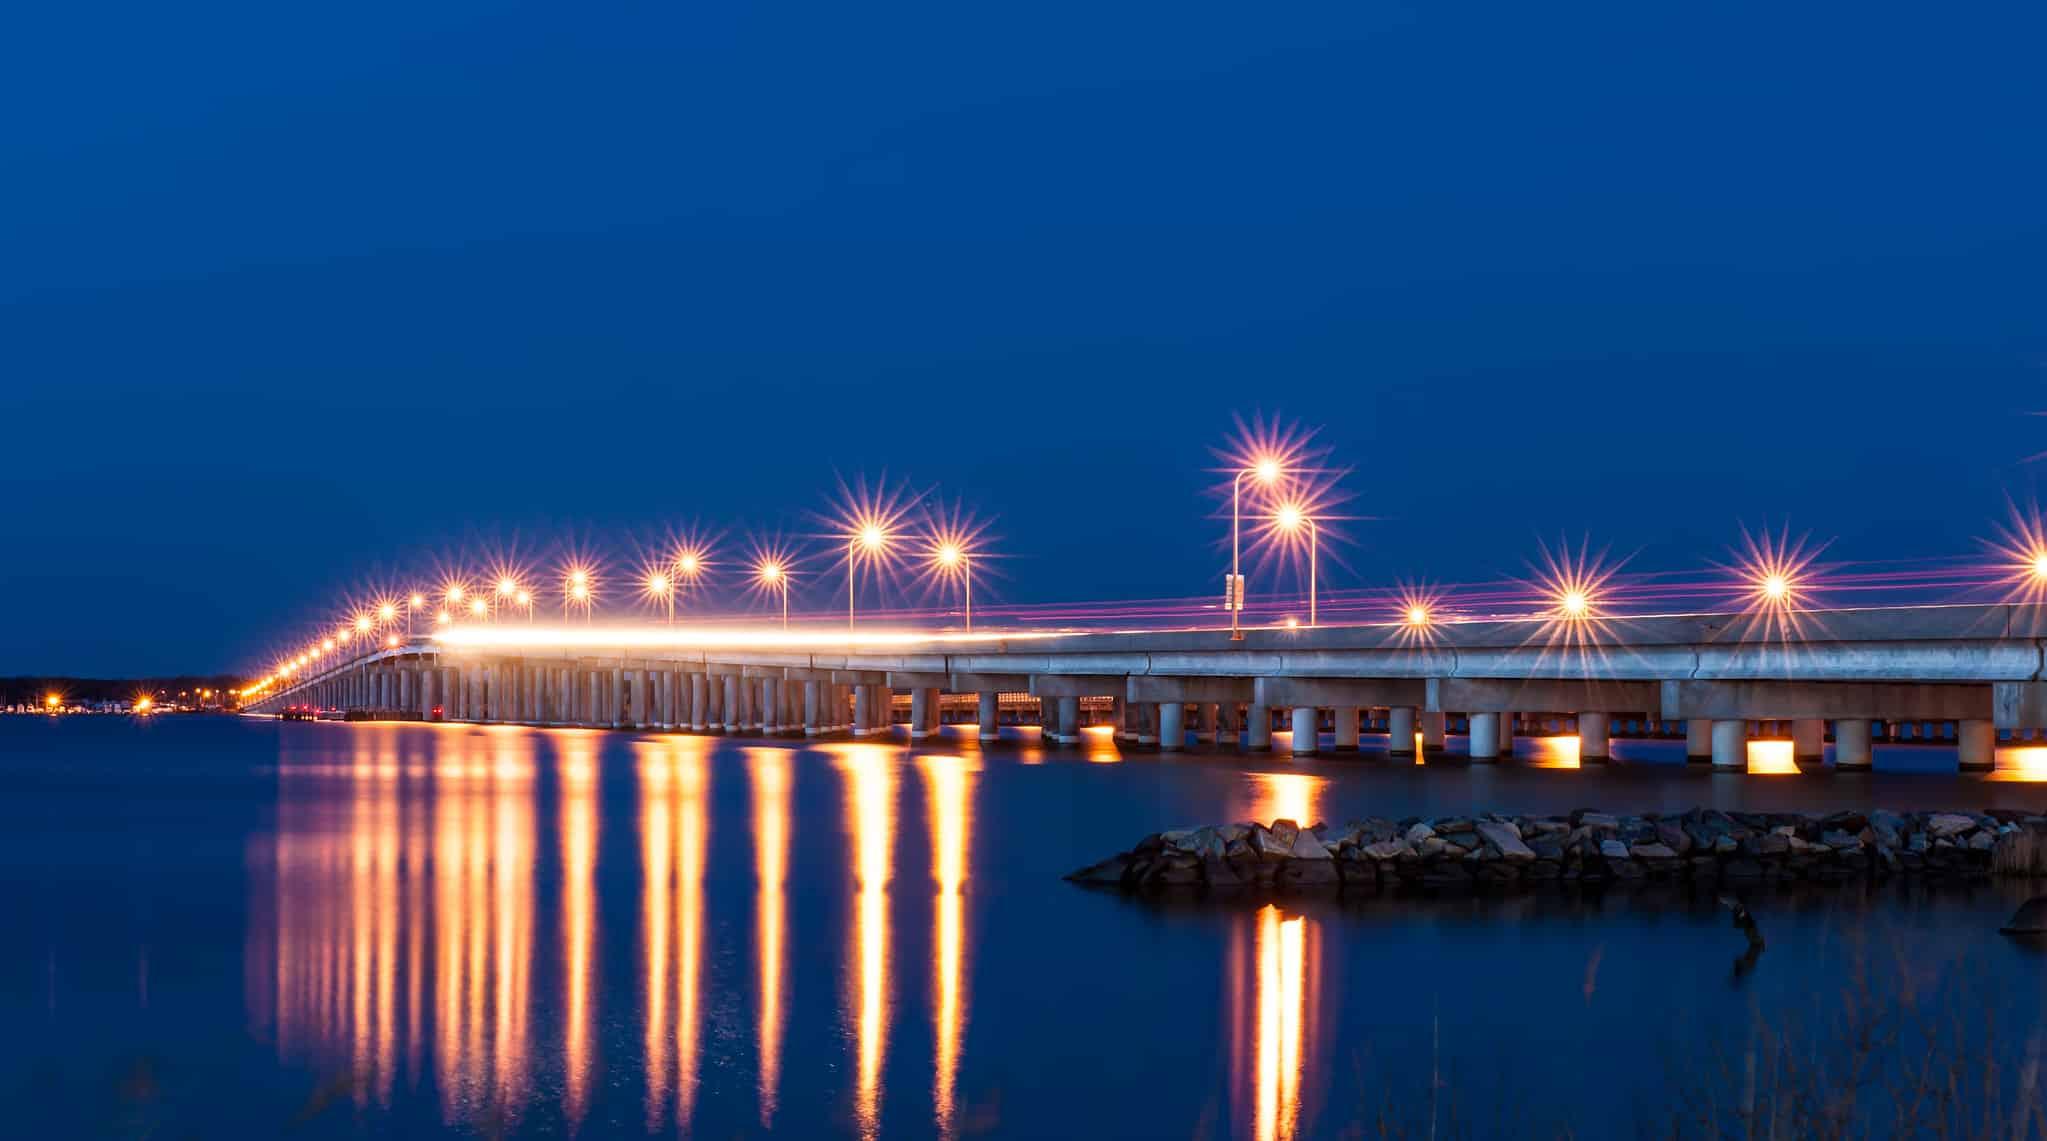 choptank river bridge